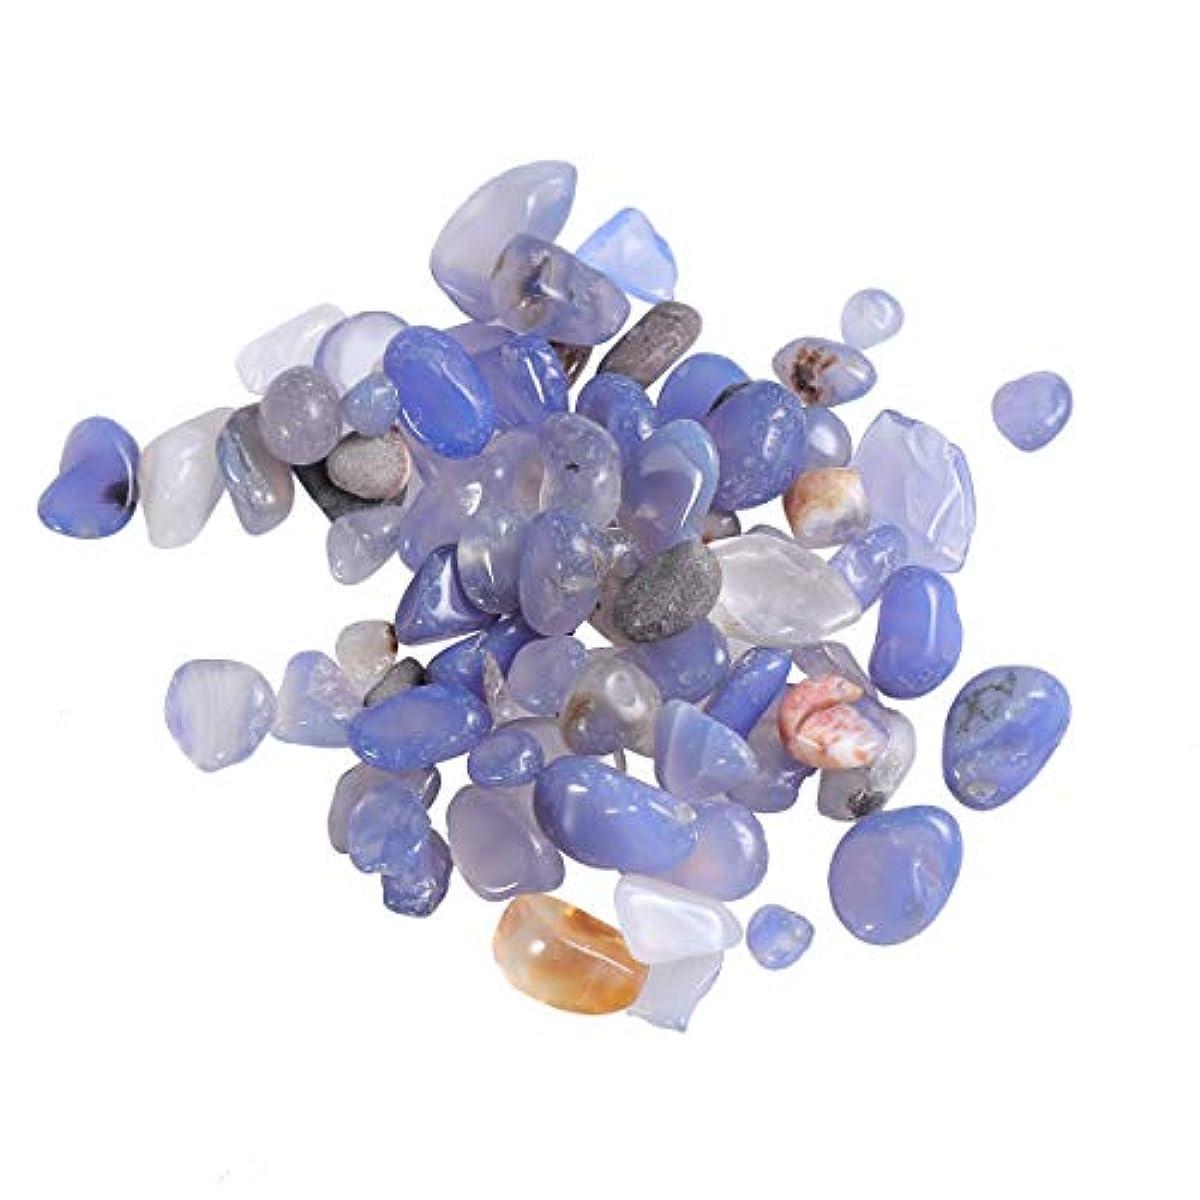 不適当午後おもてなしVosarea 2パック自然砕いたクリスタルロック不規則な形状のヒーリングストーンズや花瓶植物サワークリームガーデン(青い瑪瑙)